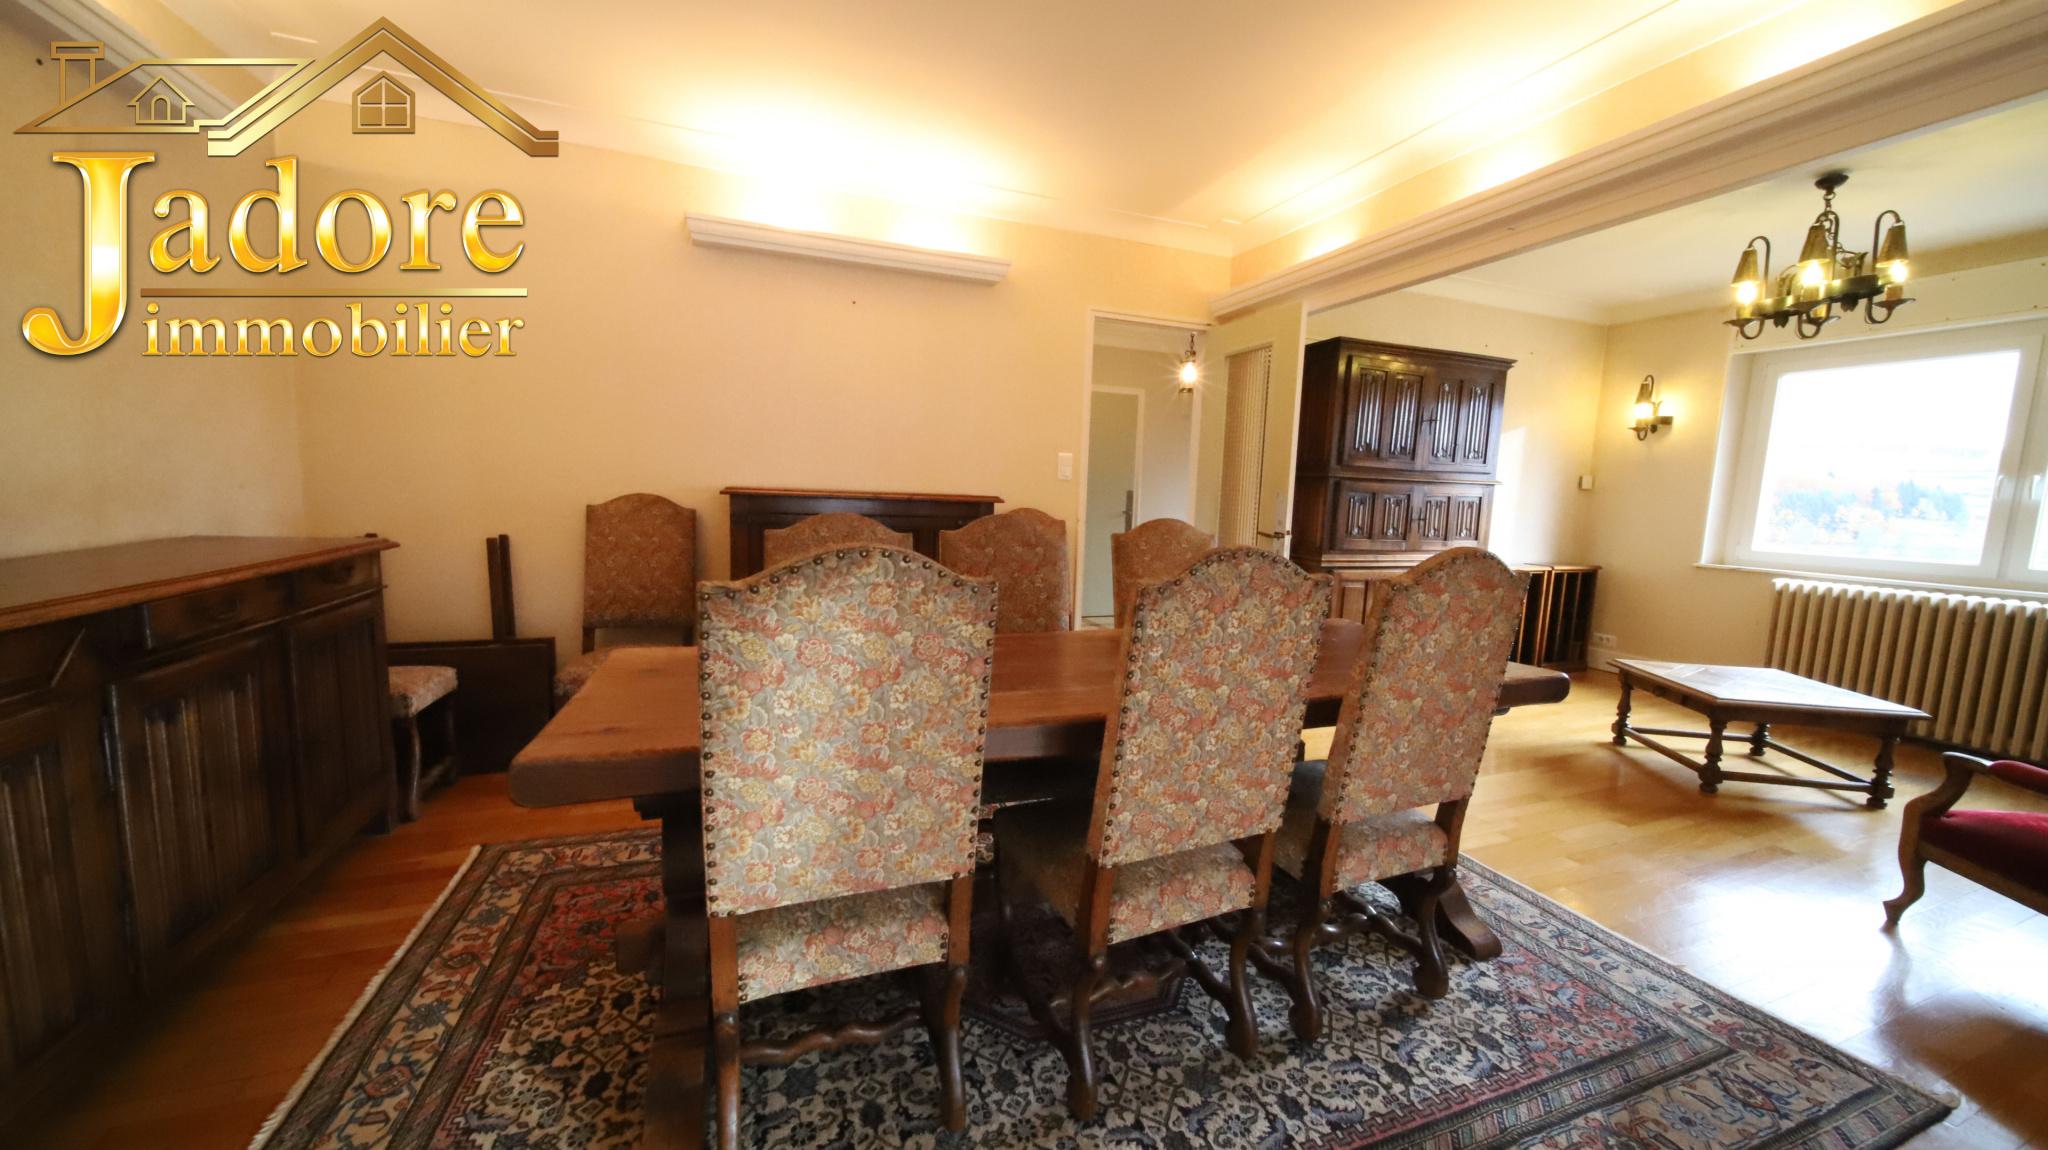 maison/villa à vendre lepanges sur vologne